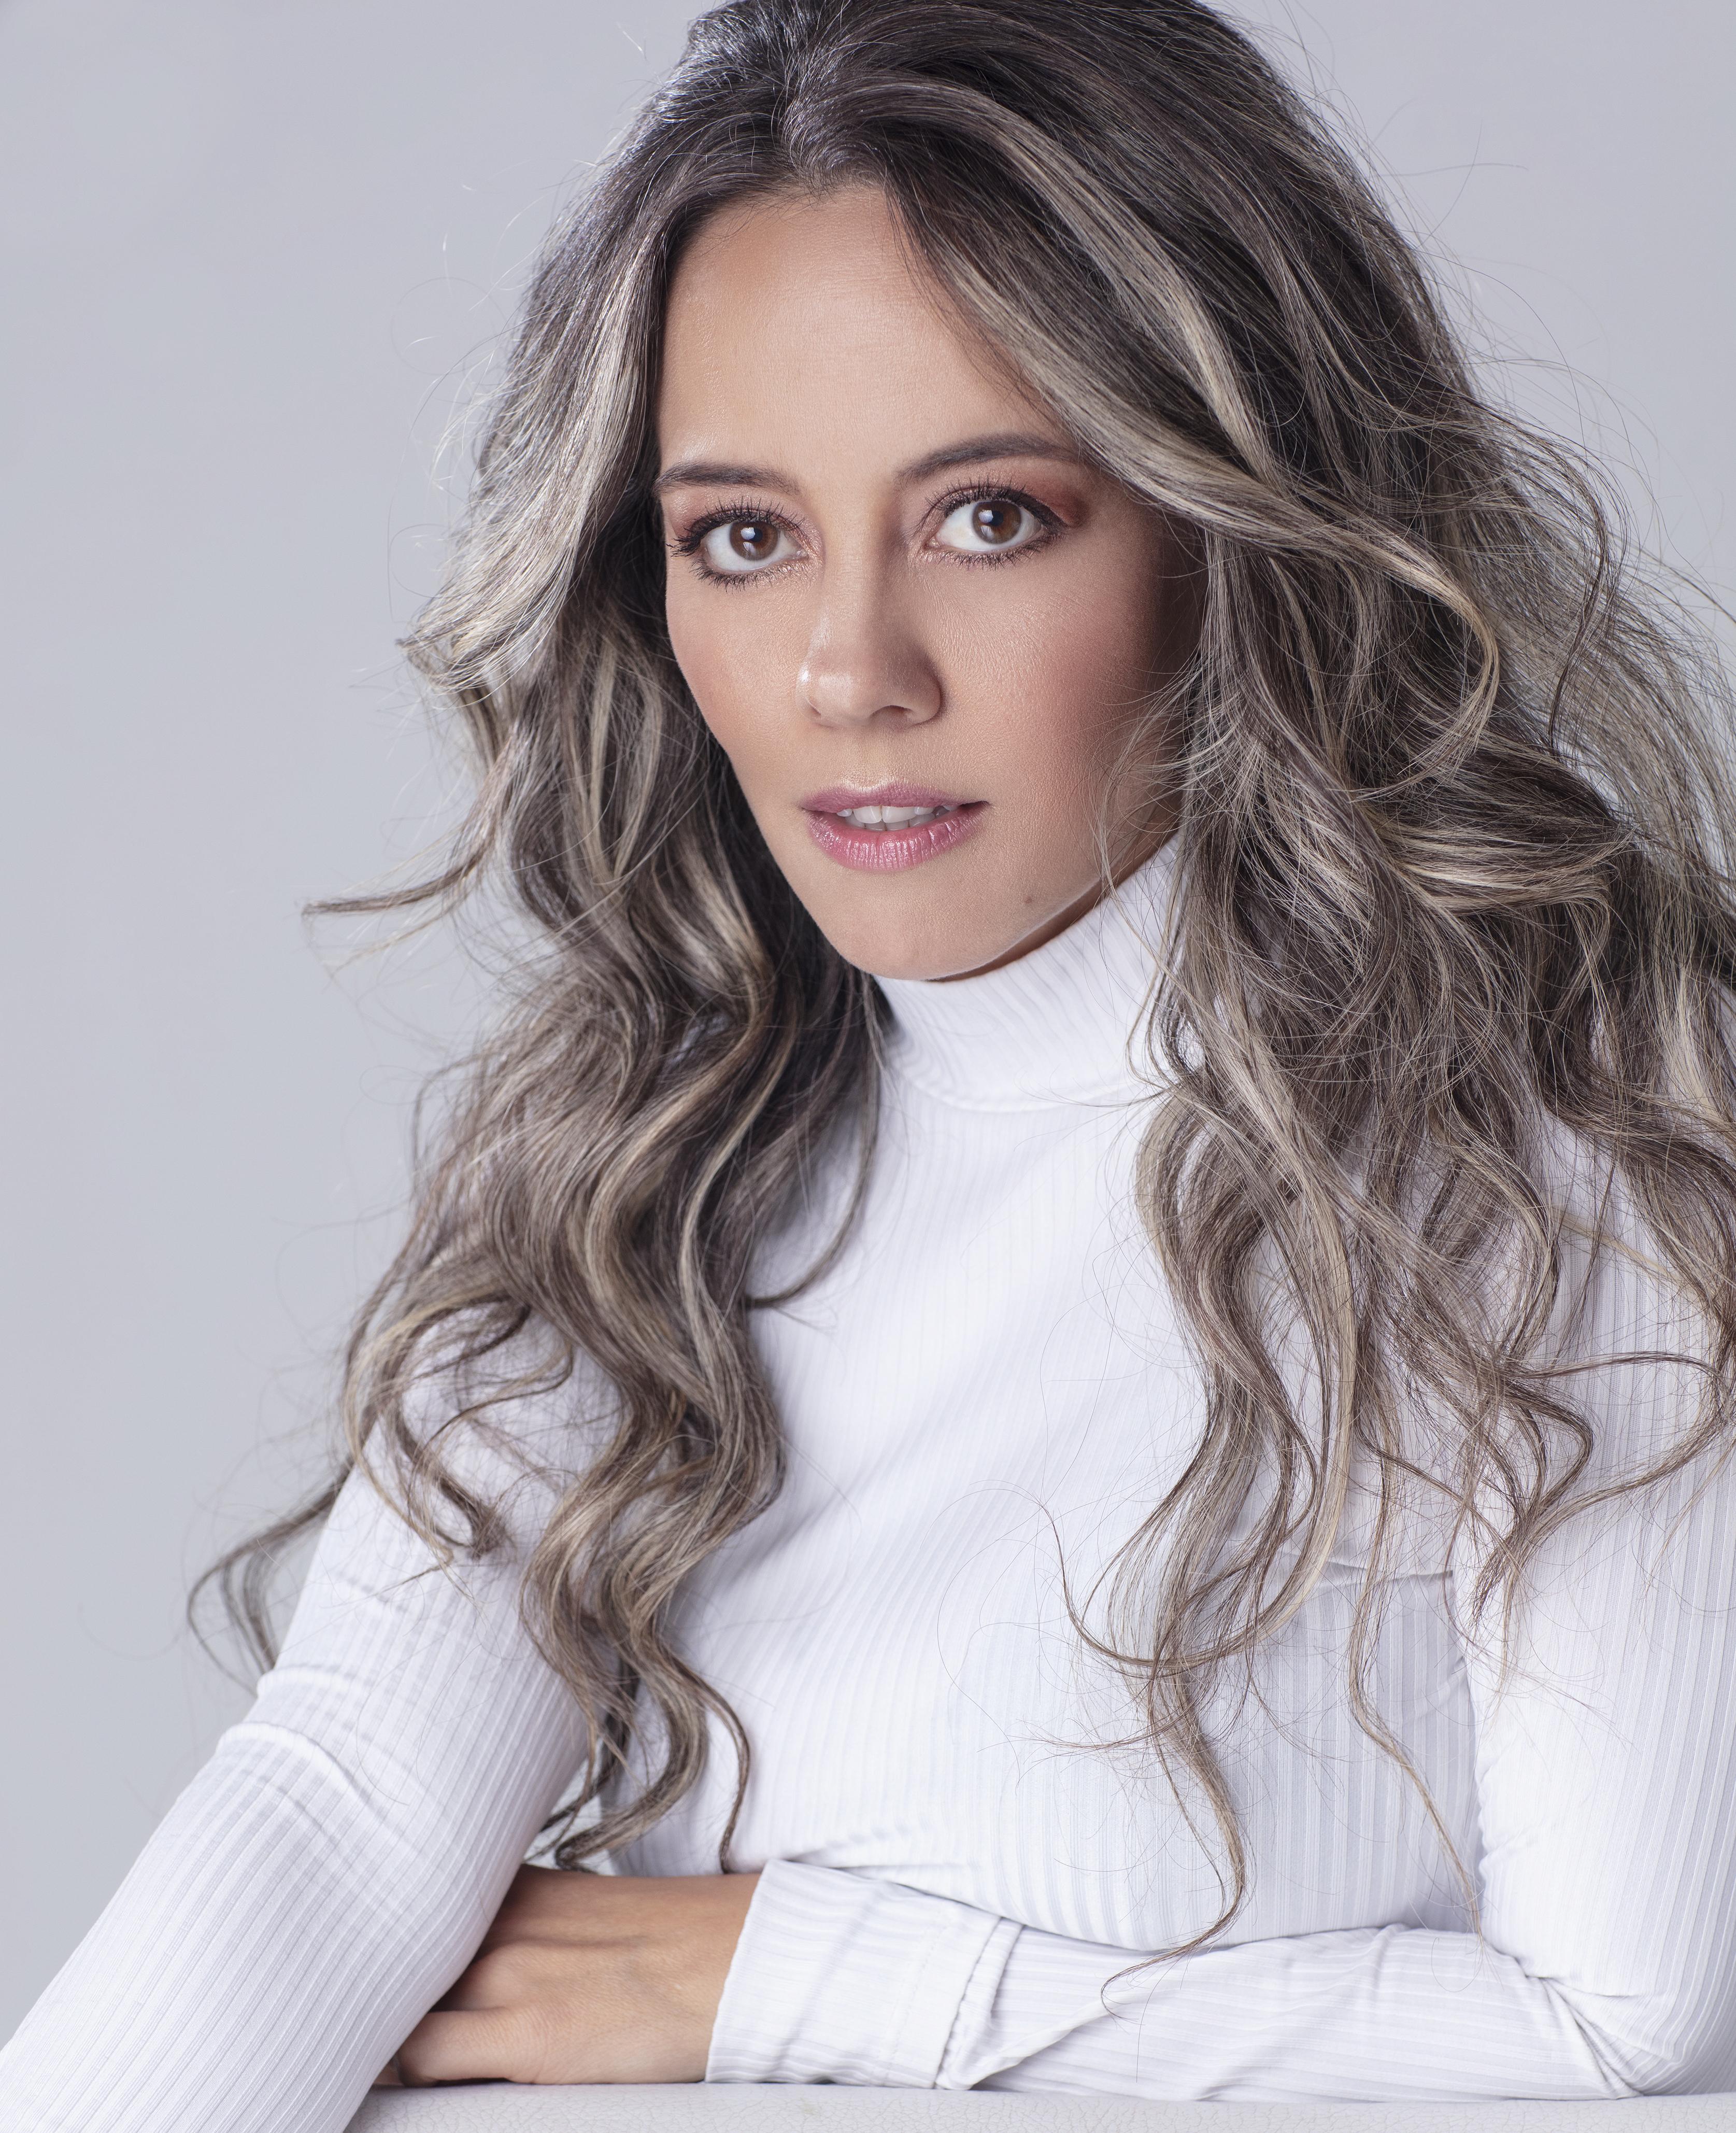 Maria Botero